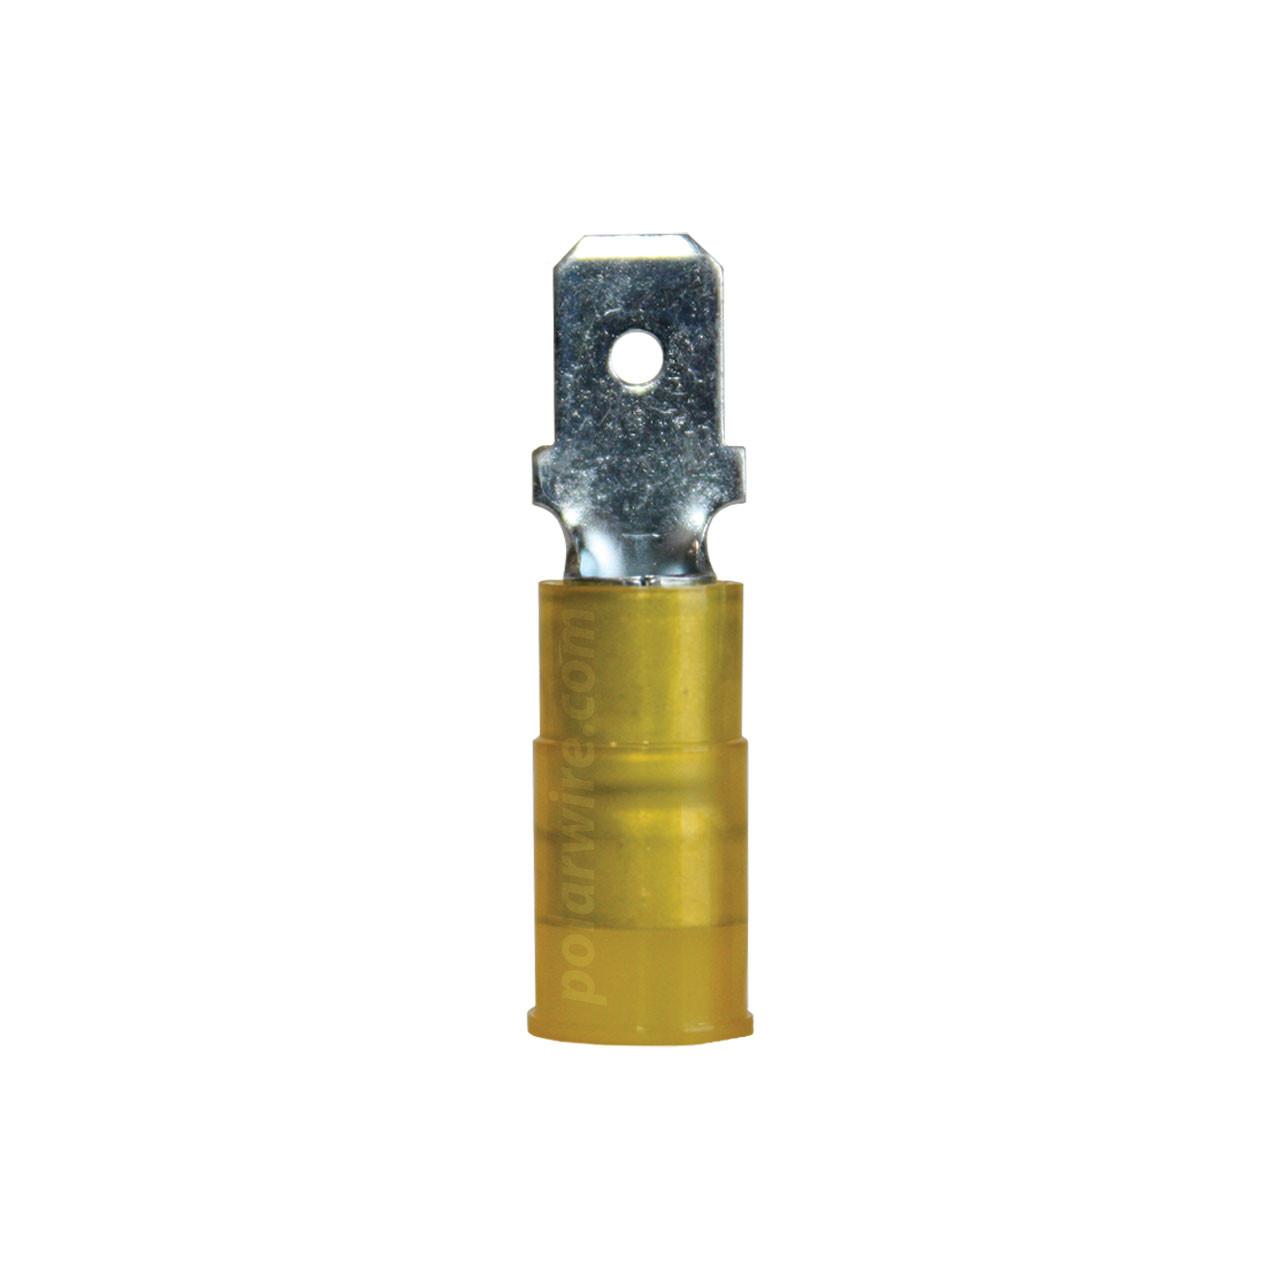 NYLON SLIDE-M 12-10GA.250  MALE 25 PACK MOLEX